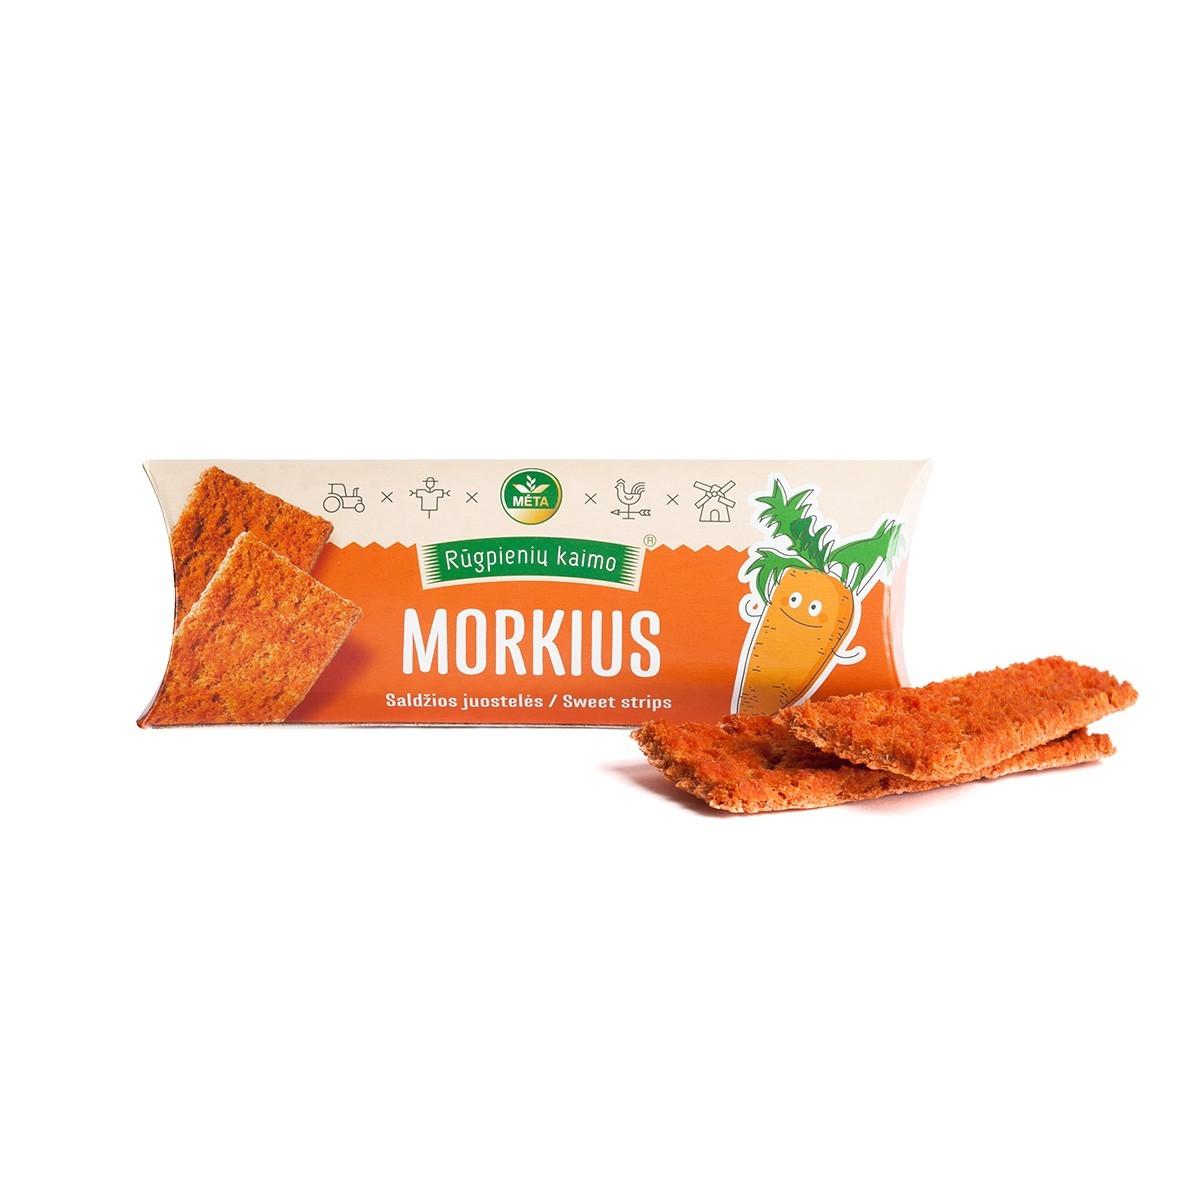 Morkų traškučiai Morkius Rūgpienių kaimo, 45g